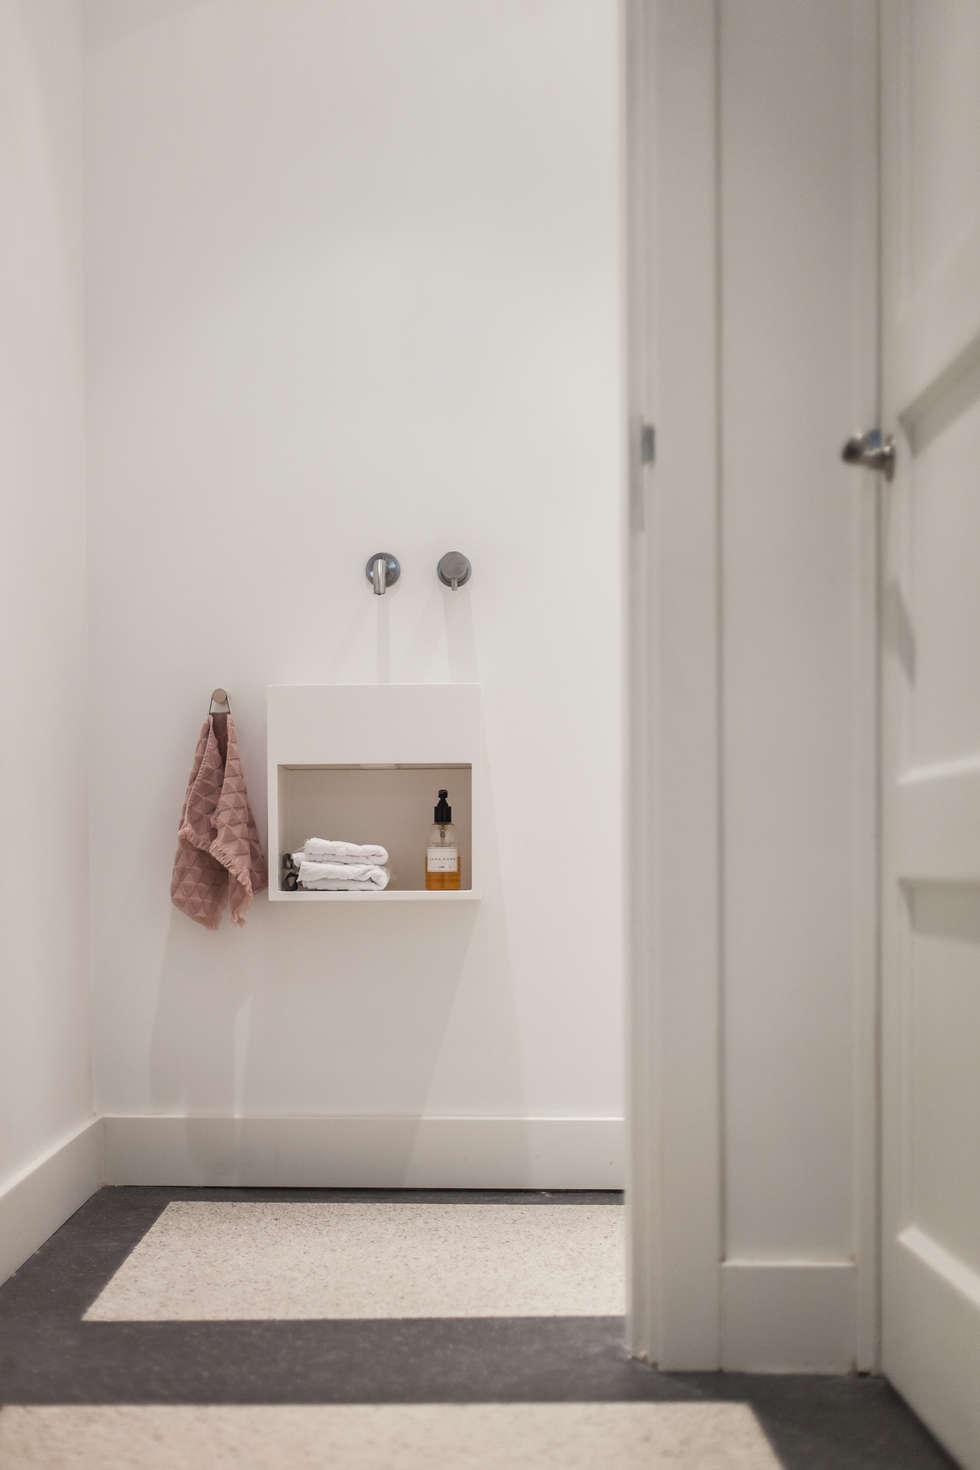 https://images.homify.com/c_fill,f_auto,q_auto:eco,w_980/v1477047306/p/photo/image/1680259/Architect_Nijmegen_interieur_verbouwing_toilet_7.jpg